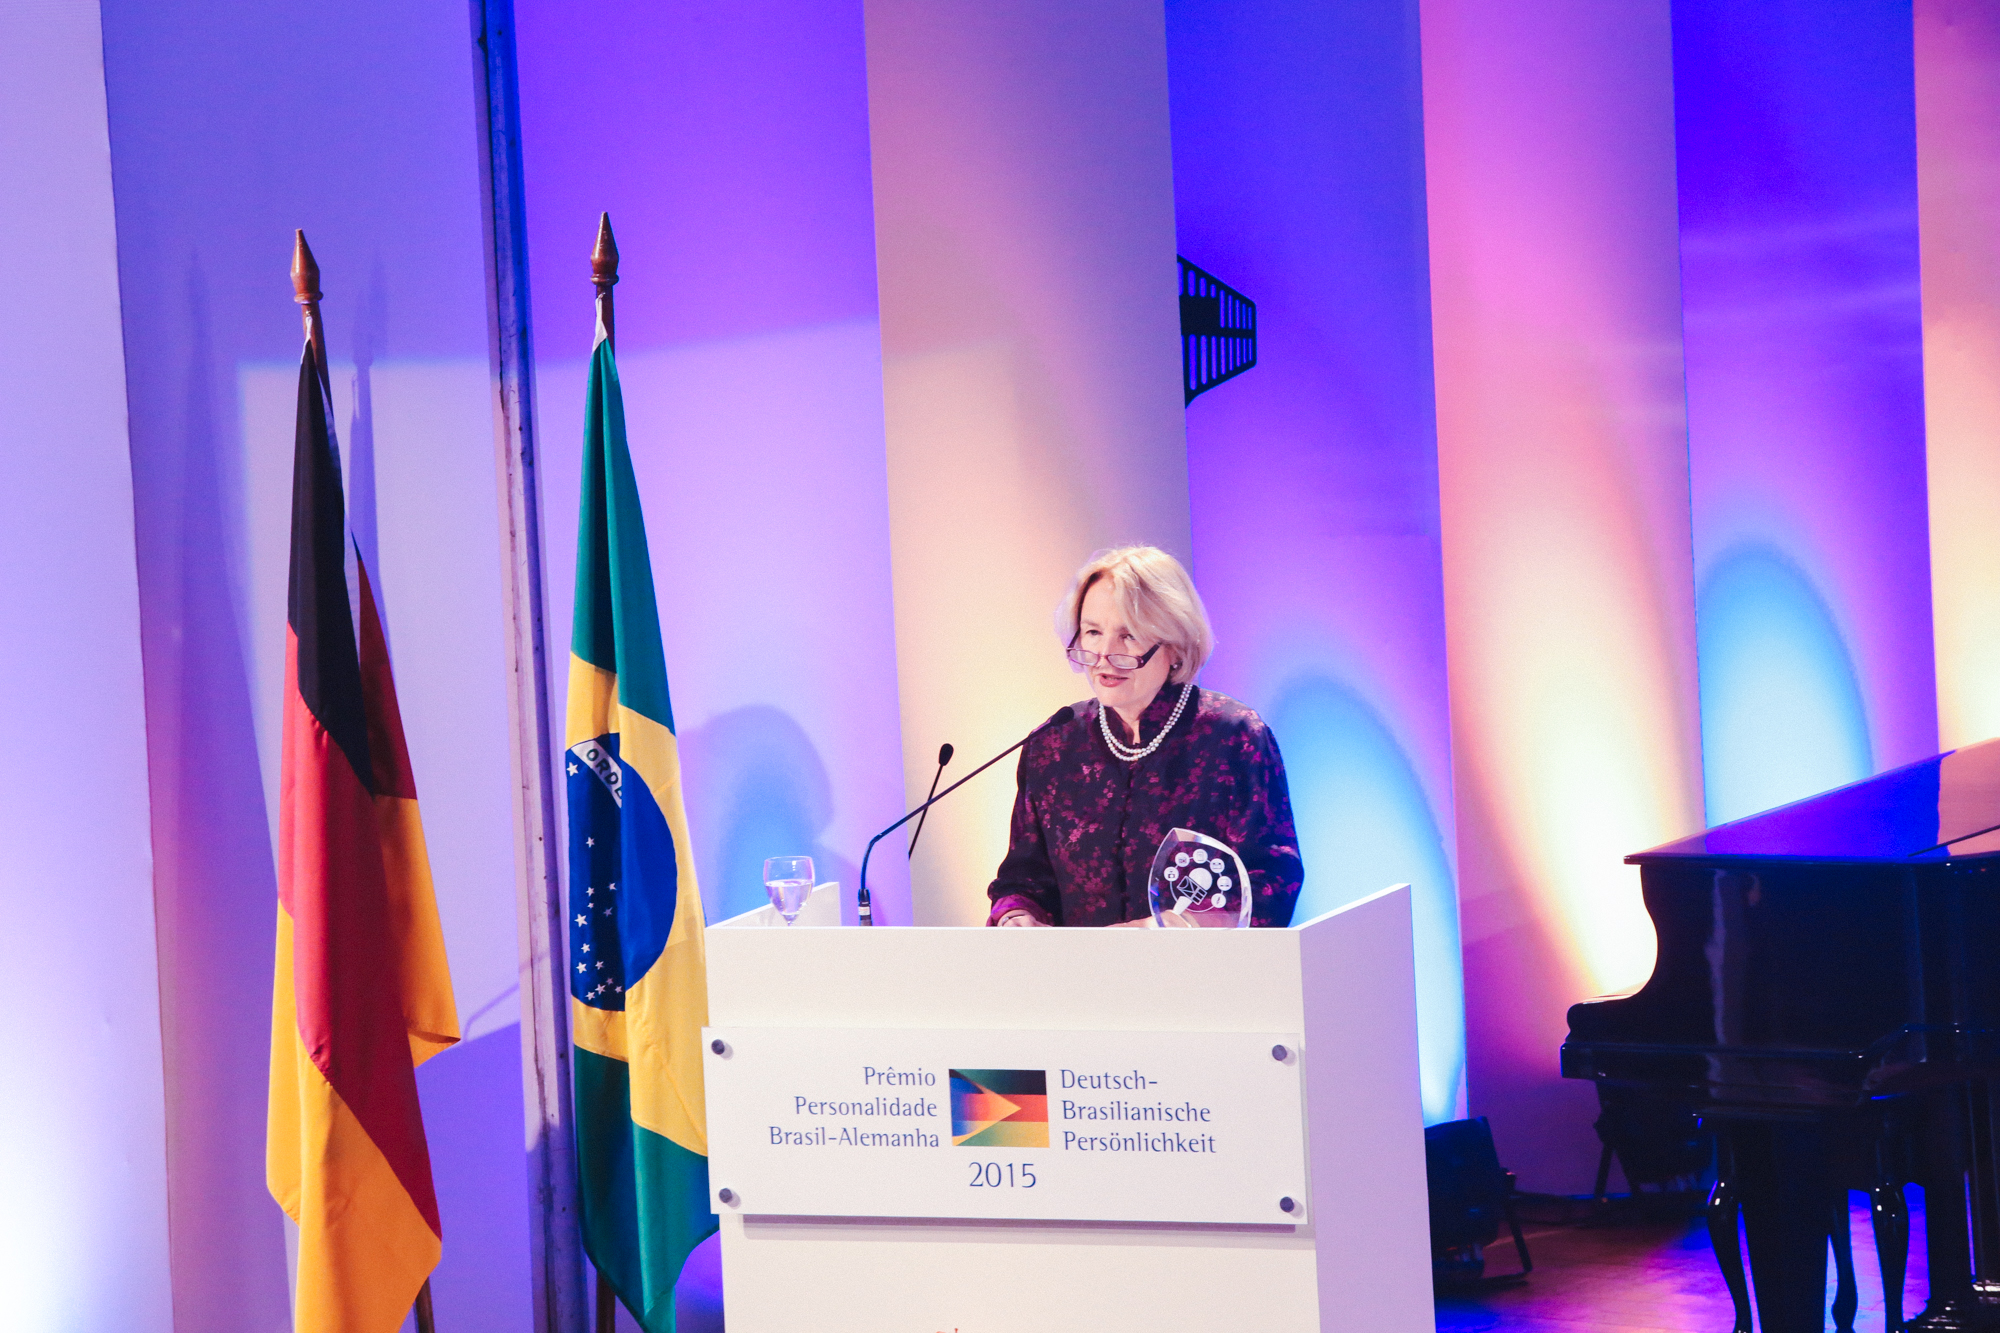 http://www.rio-cologne.de/wp-content/uploads/2016/09/Dt_brasil_Journalistenpreis2015_1.jpg